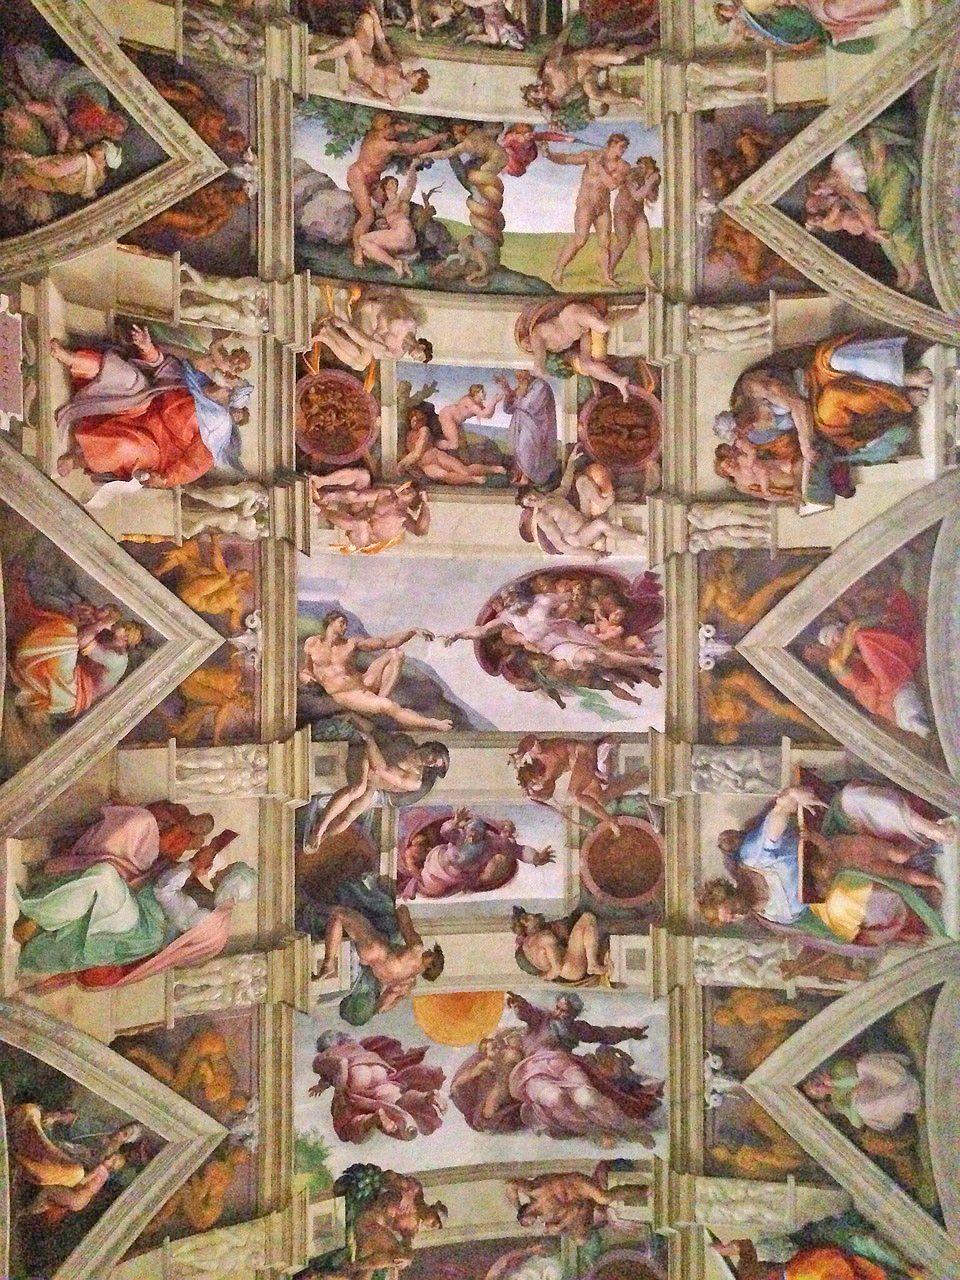 Miguel Ángel trabajó hasta en dos ocasiones en las reformas decorativas de la Capilla Sixtina de los Museos Vaticanos.